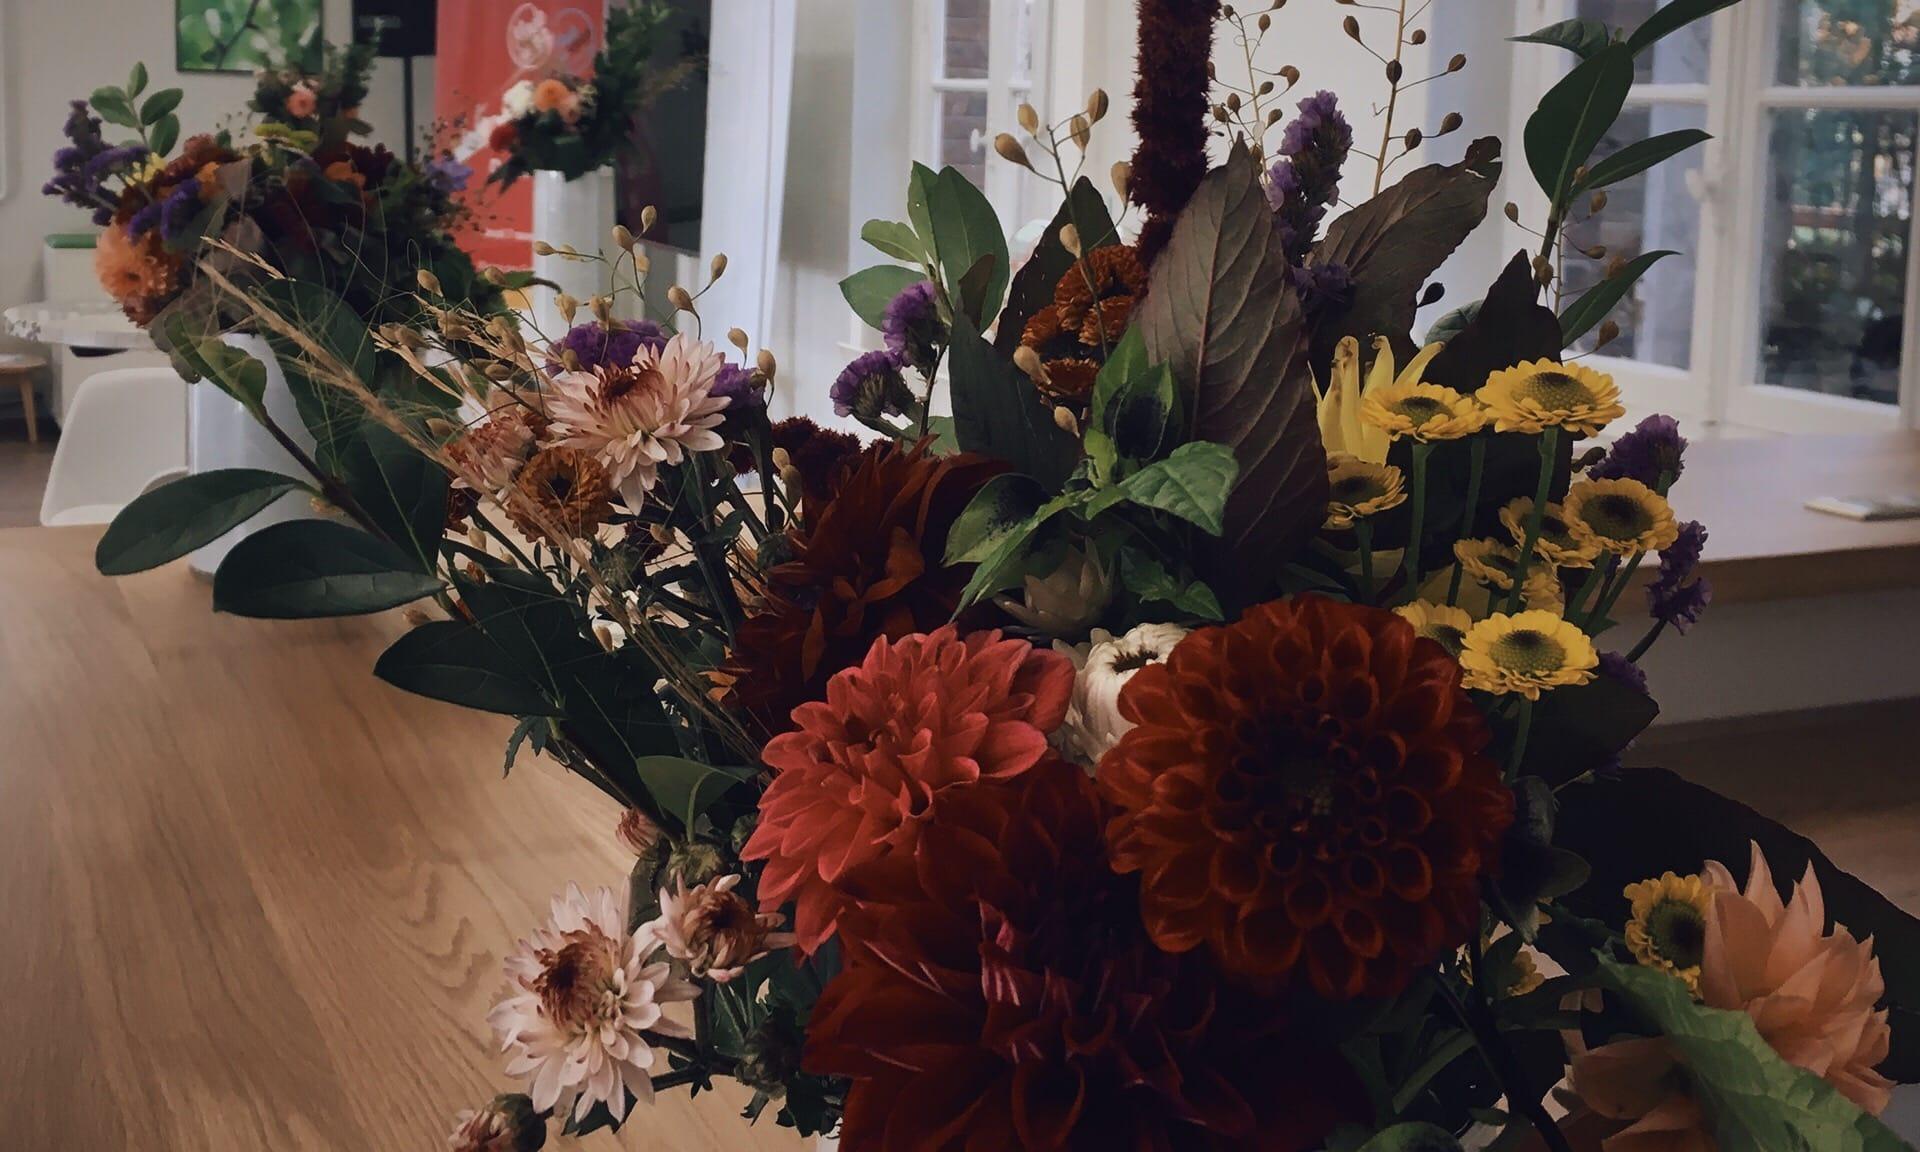 07_Nordscape_evenement-bouquets-saison-bio